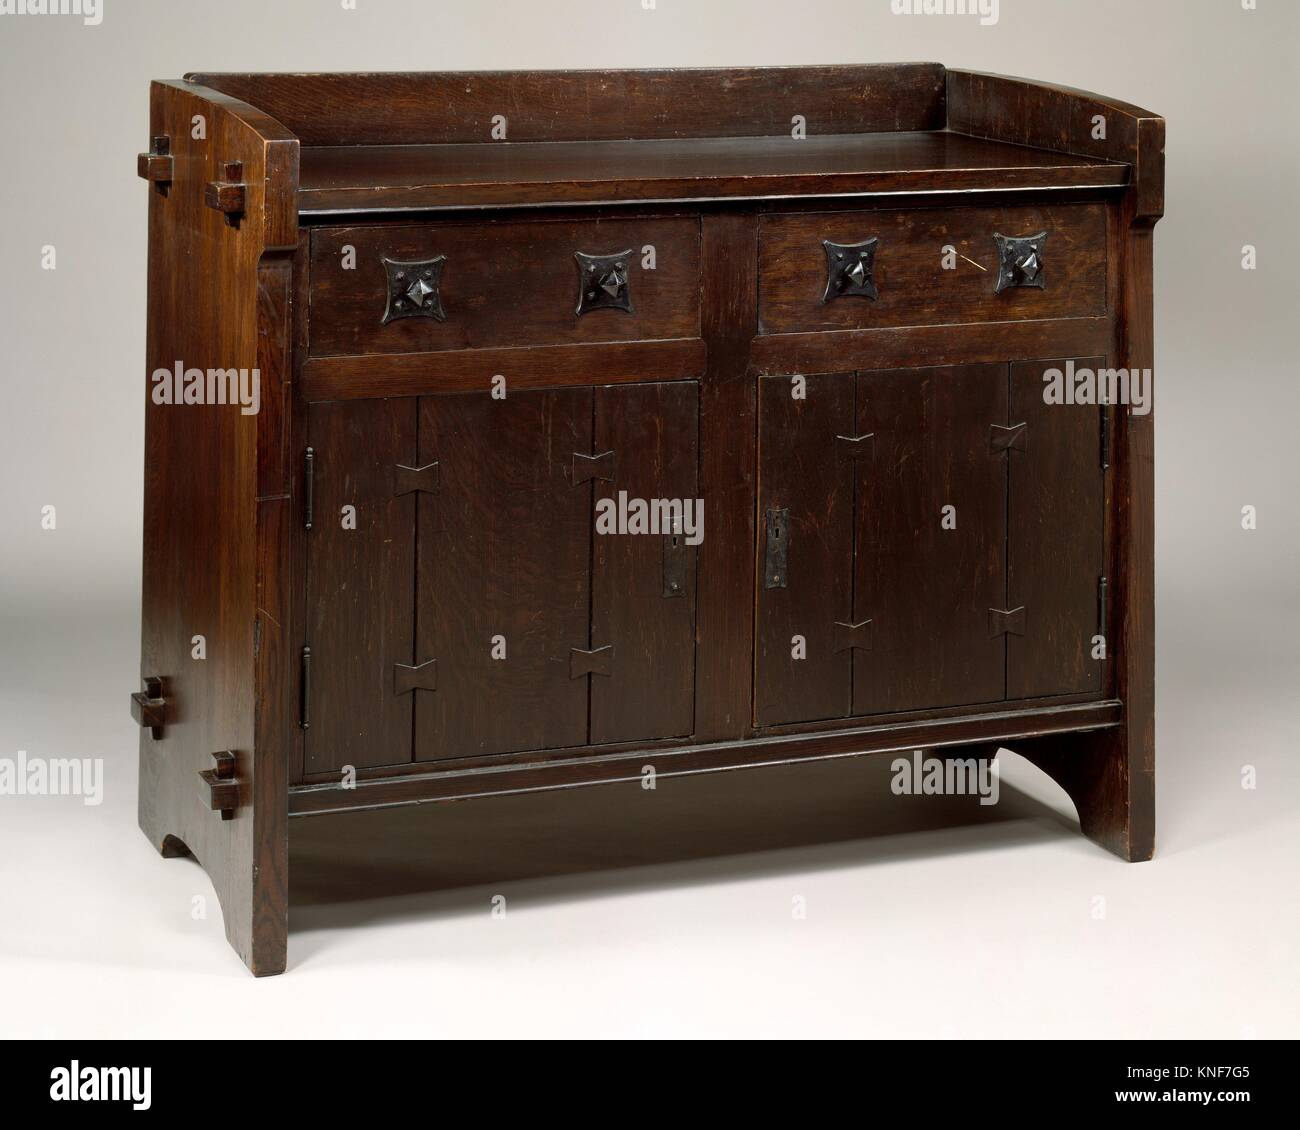 Sideboard Designer sideboard table. designer: designedgustav stickley (american